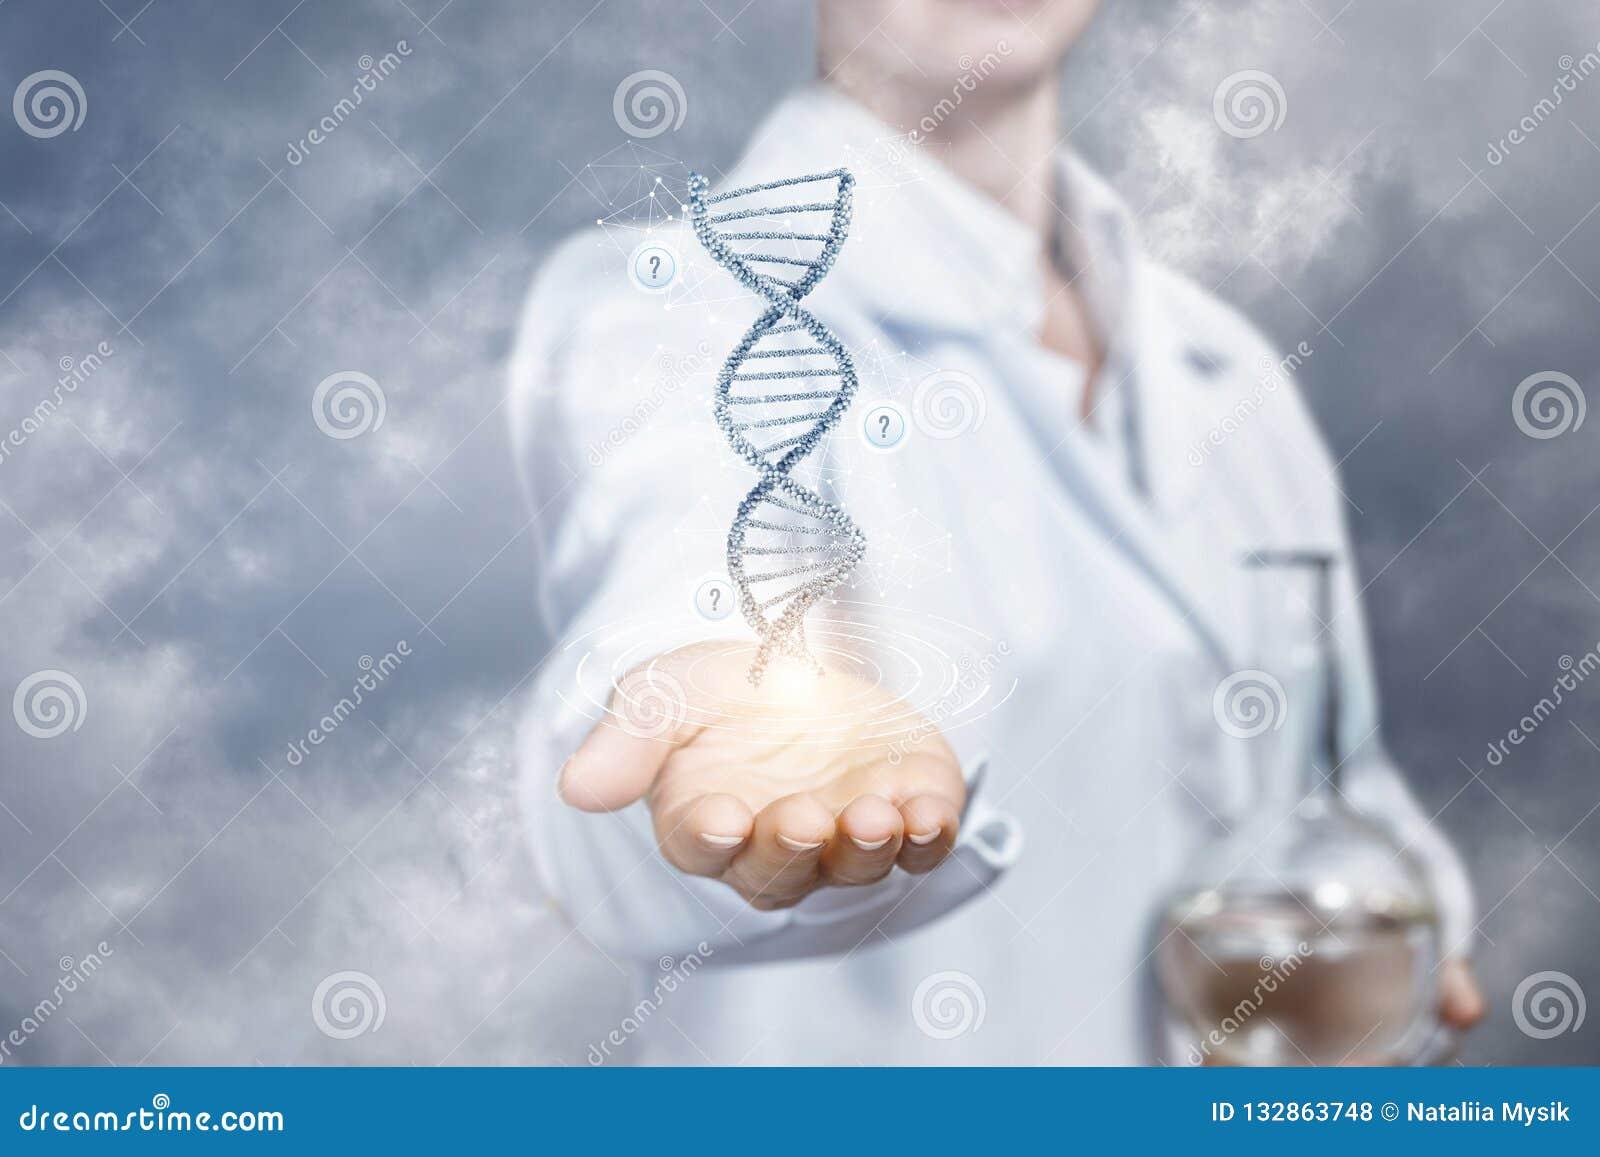 Het concept is de innovaties in DNA-onderzoek